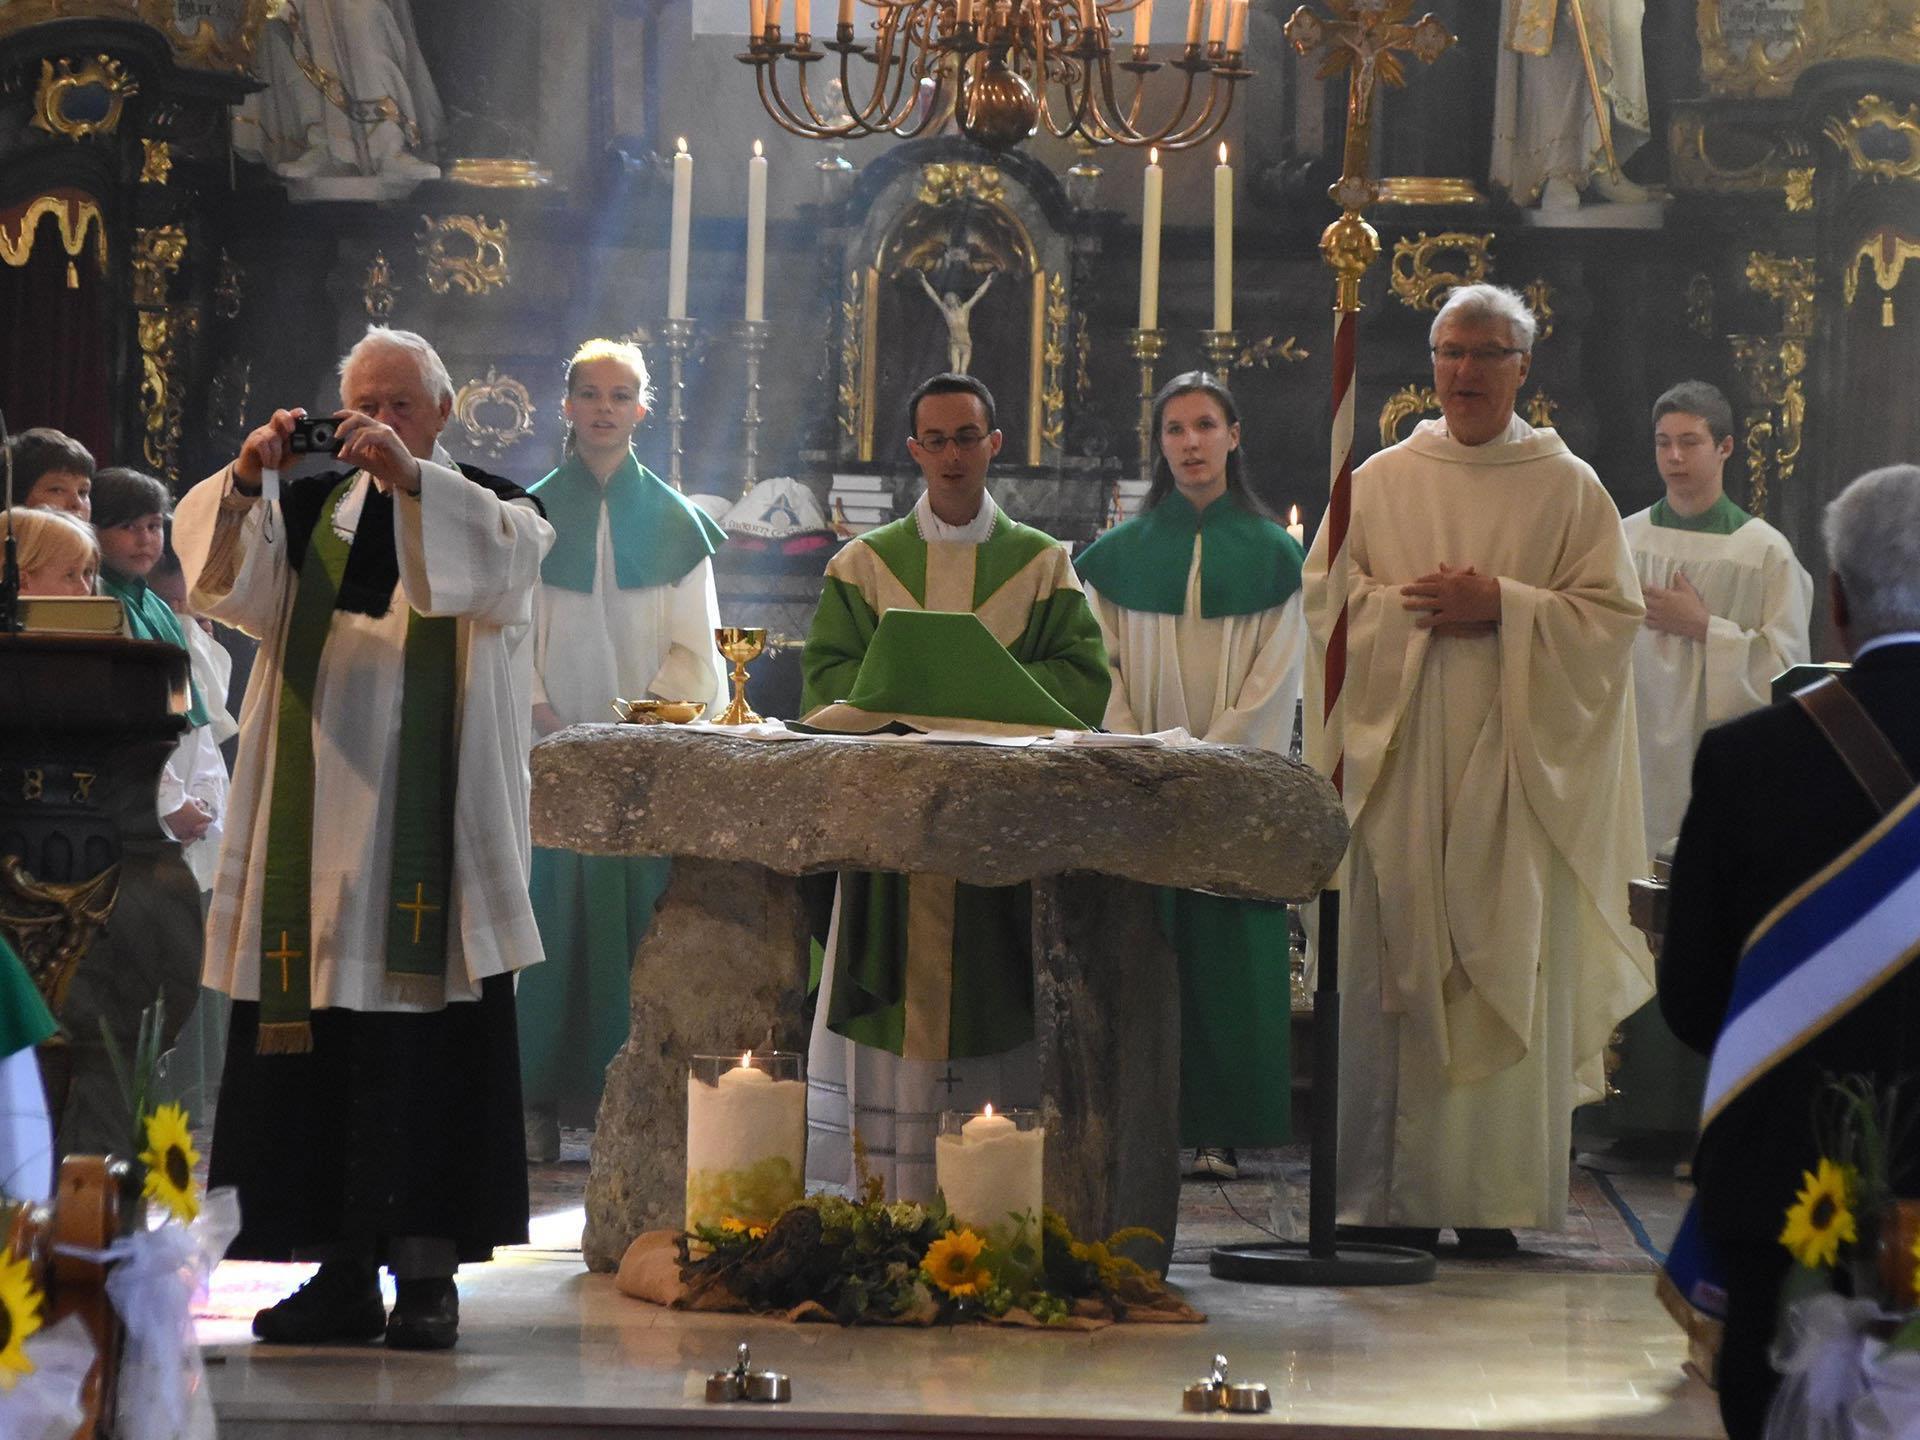 Der Sonntagsgottesdienst in der Pfarre St. Gallus in St. Gallenkirch stand ganz im Zeichen des Priesterwechsels.